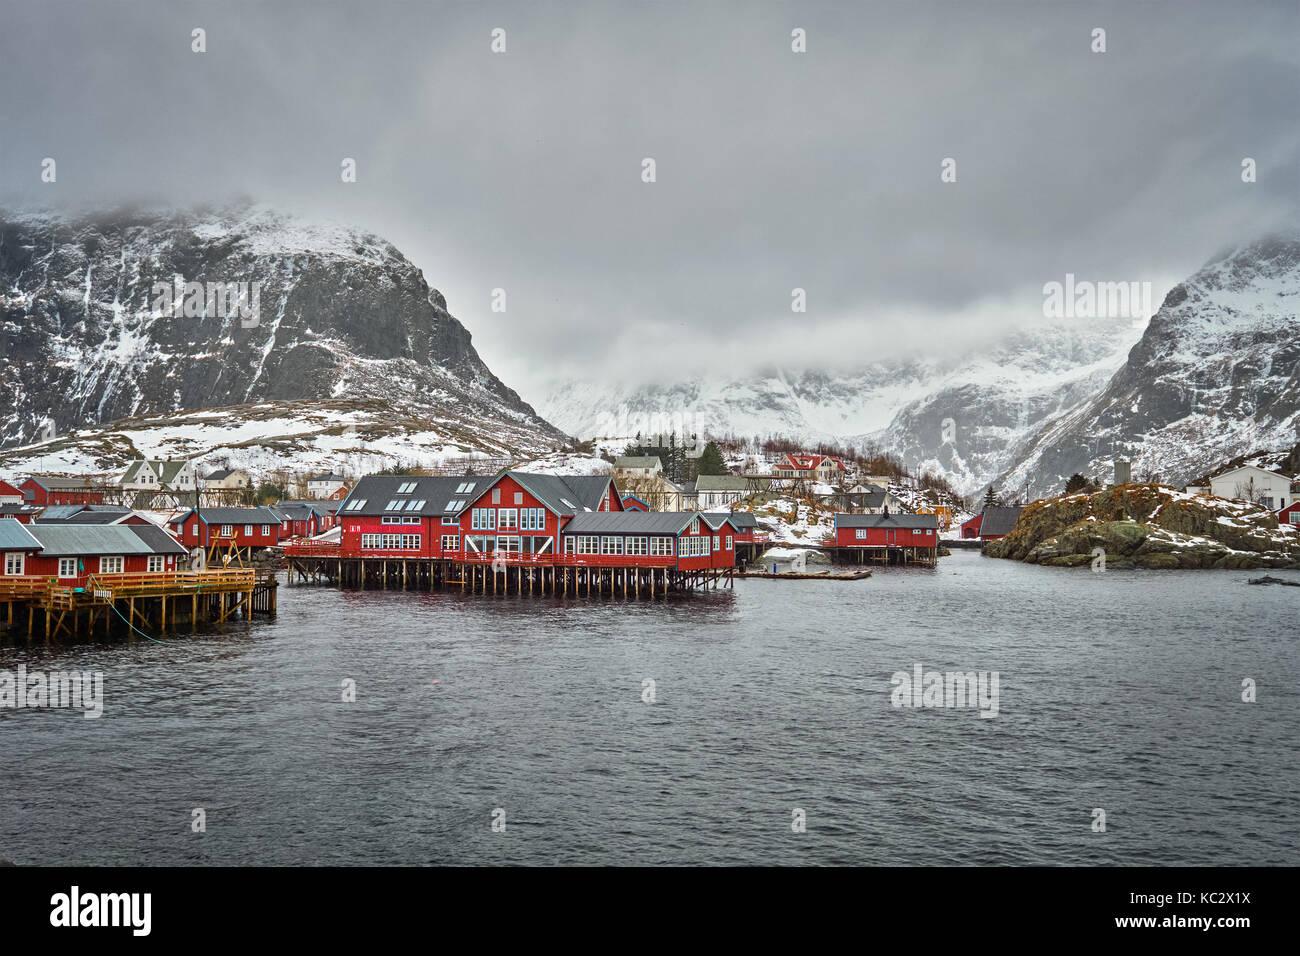 Un villaggio sulle isole Lofoten in Norvegia Foto Stock